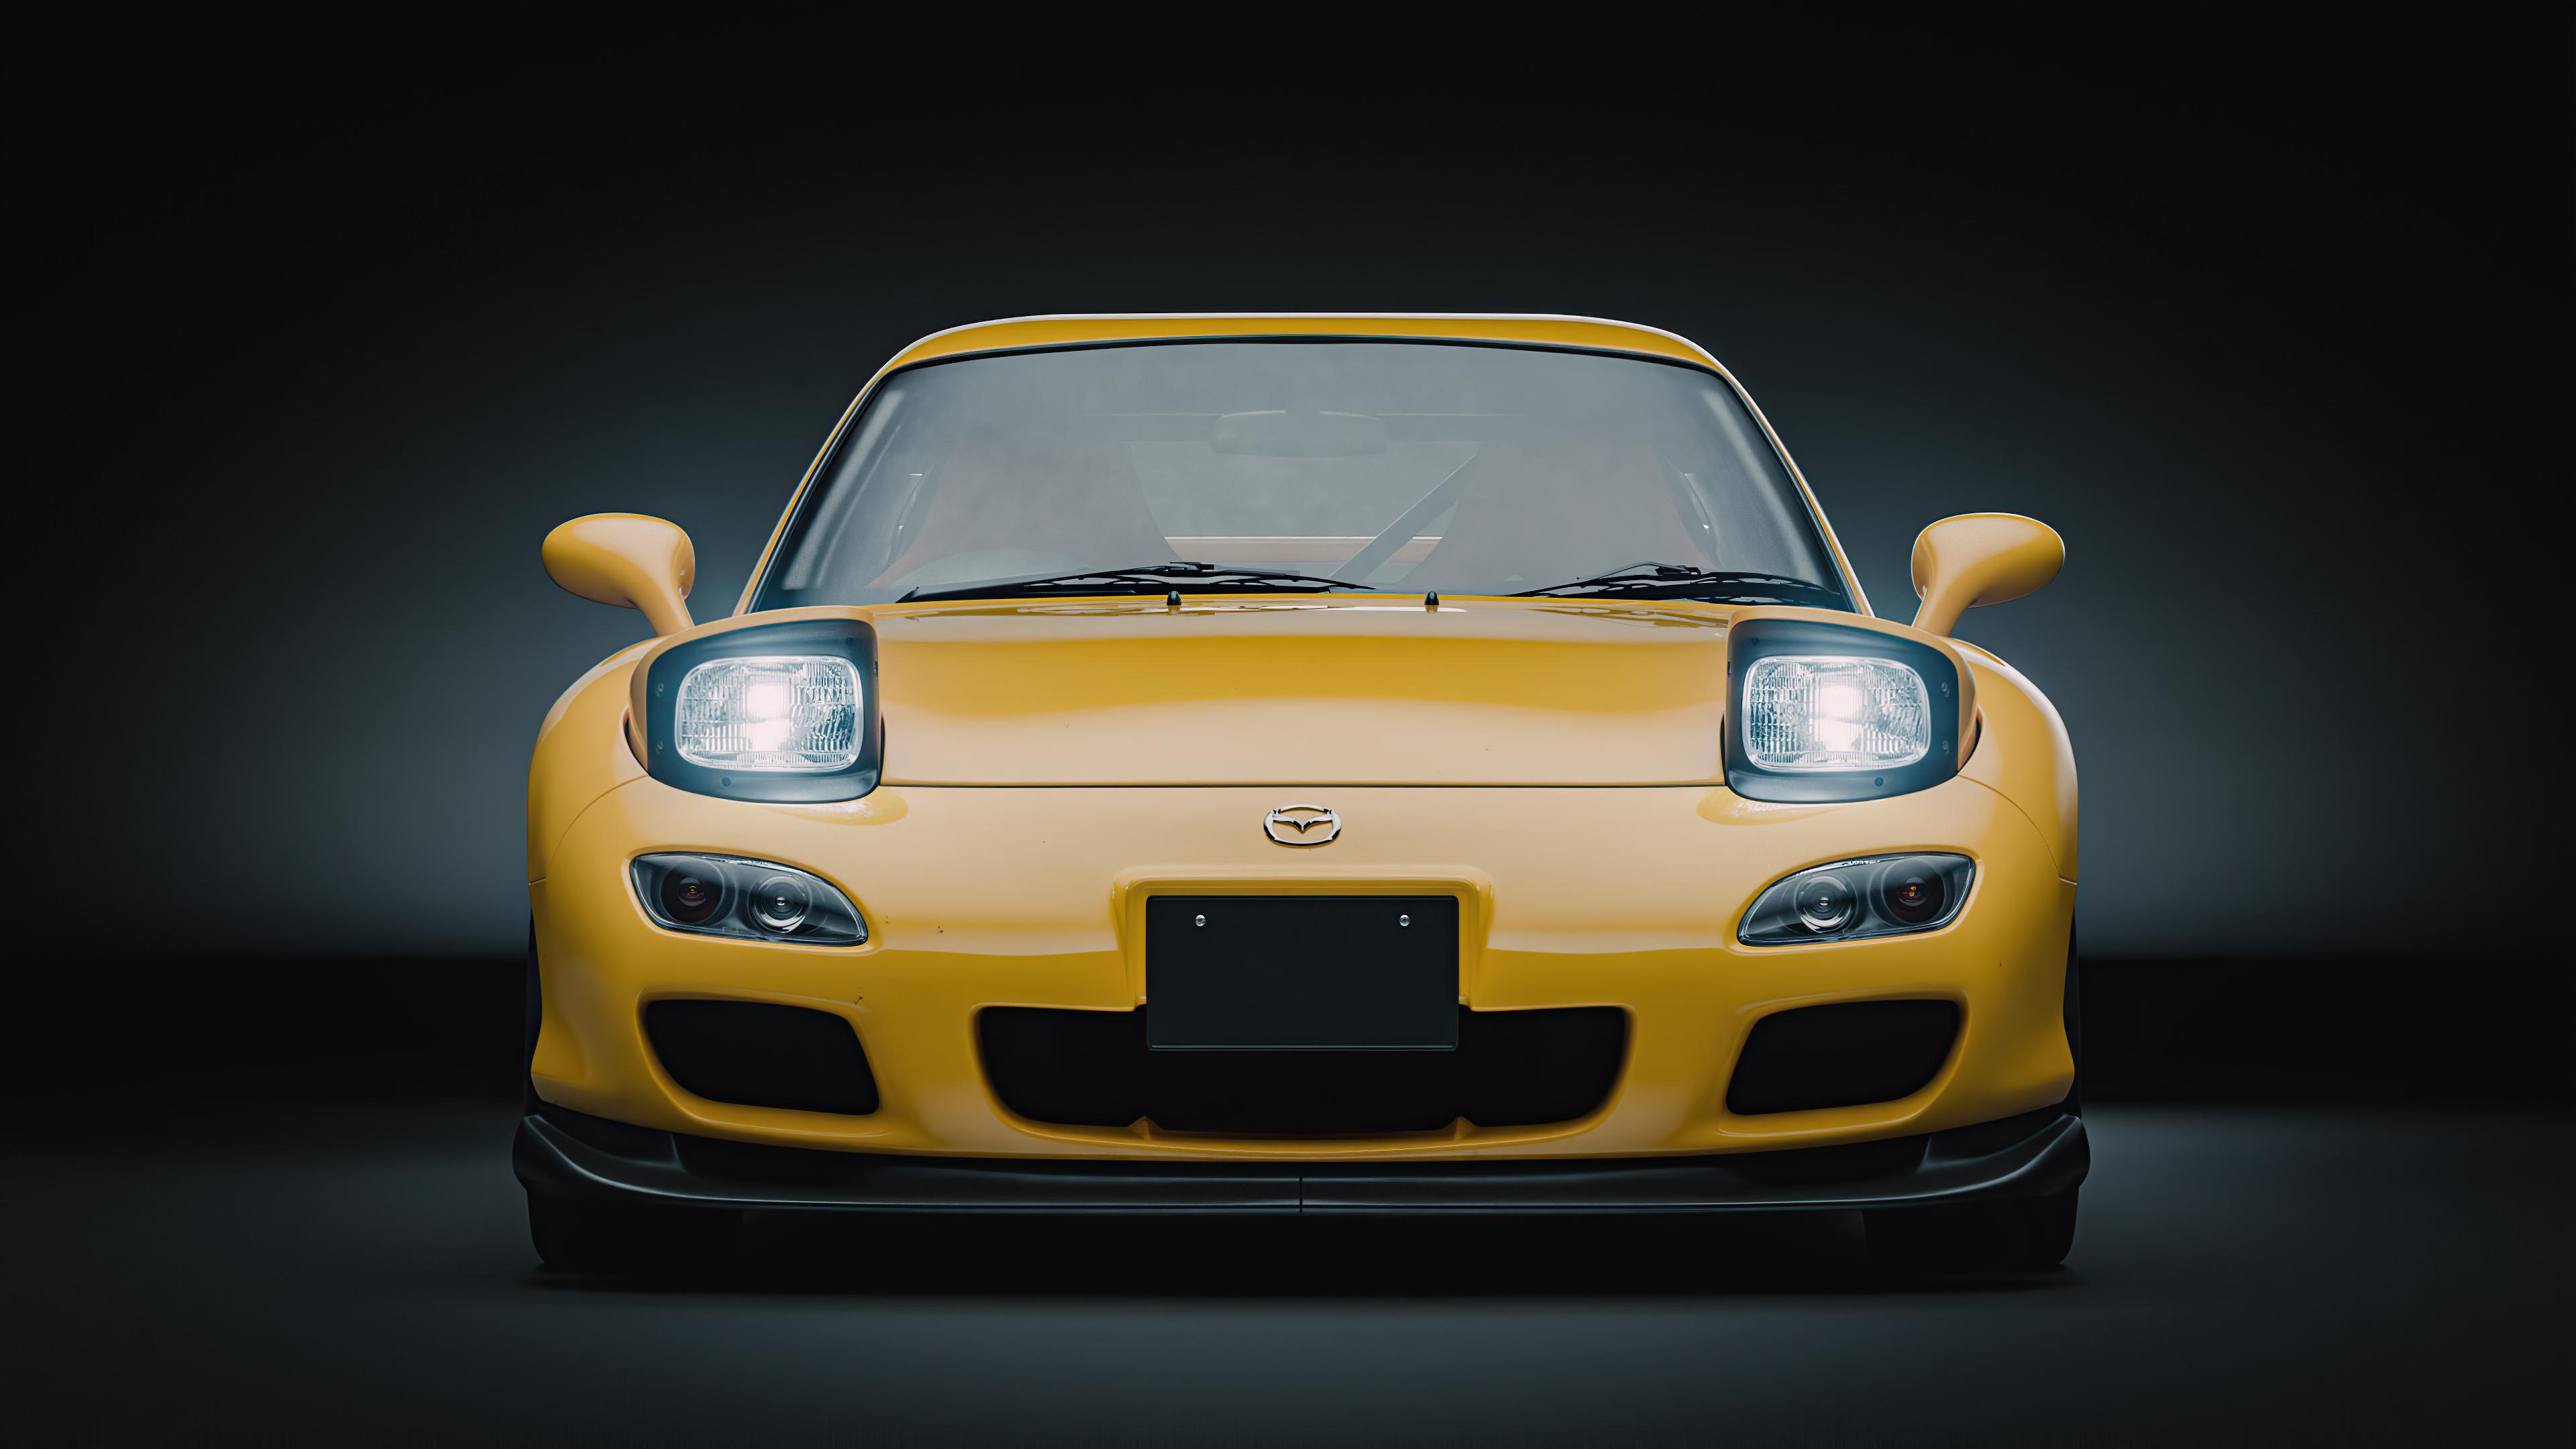 2002 mazda rx 7 spirit r 4k 1608916311 - 2002 Mazda RX 7 Spirit R 4k - 2002 Mazda RX 7 Spirit R 4k wallpapers